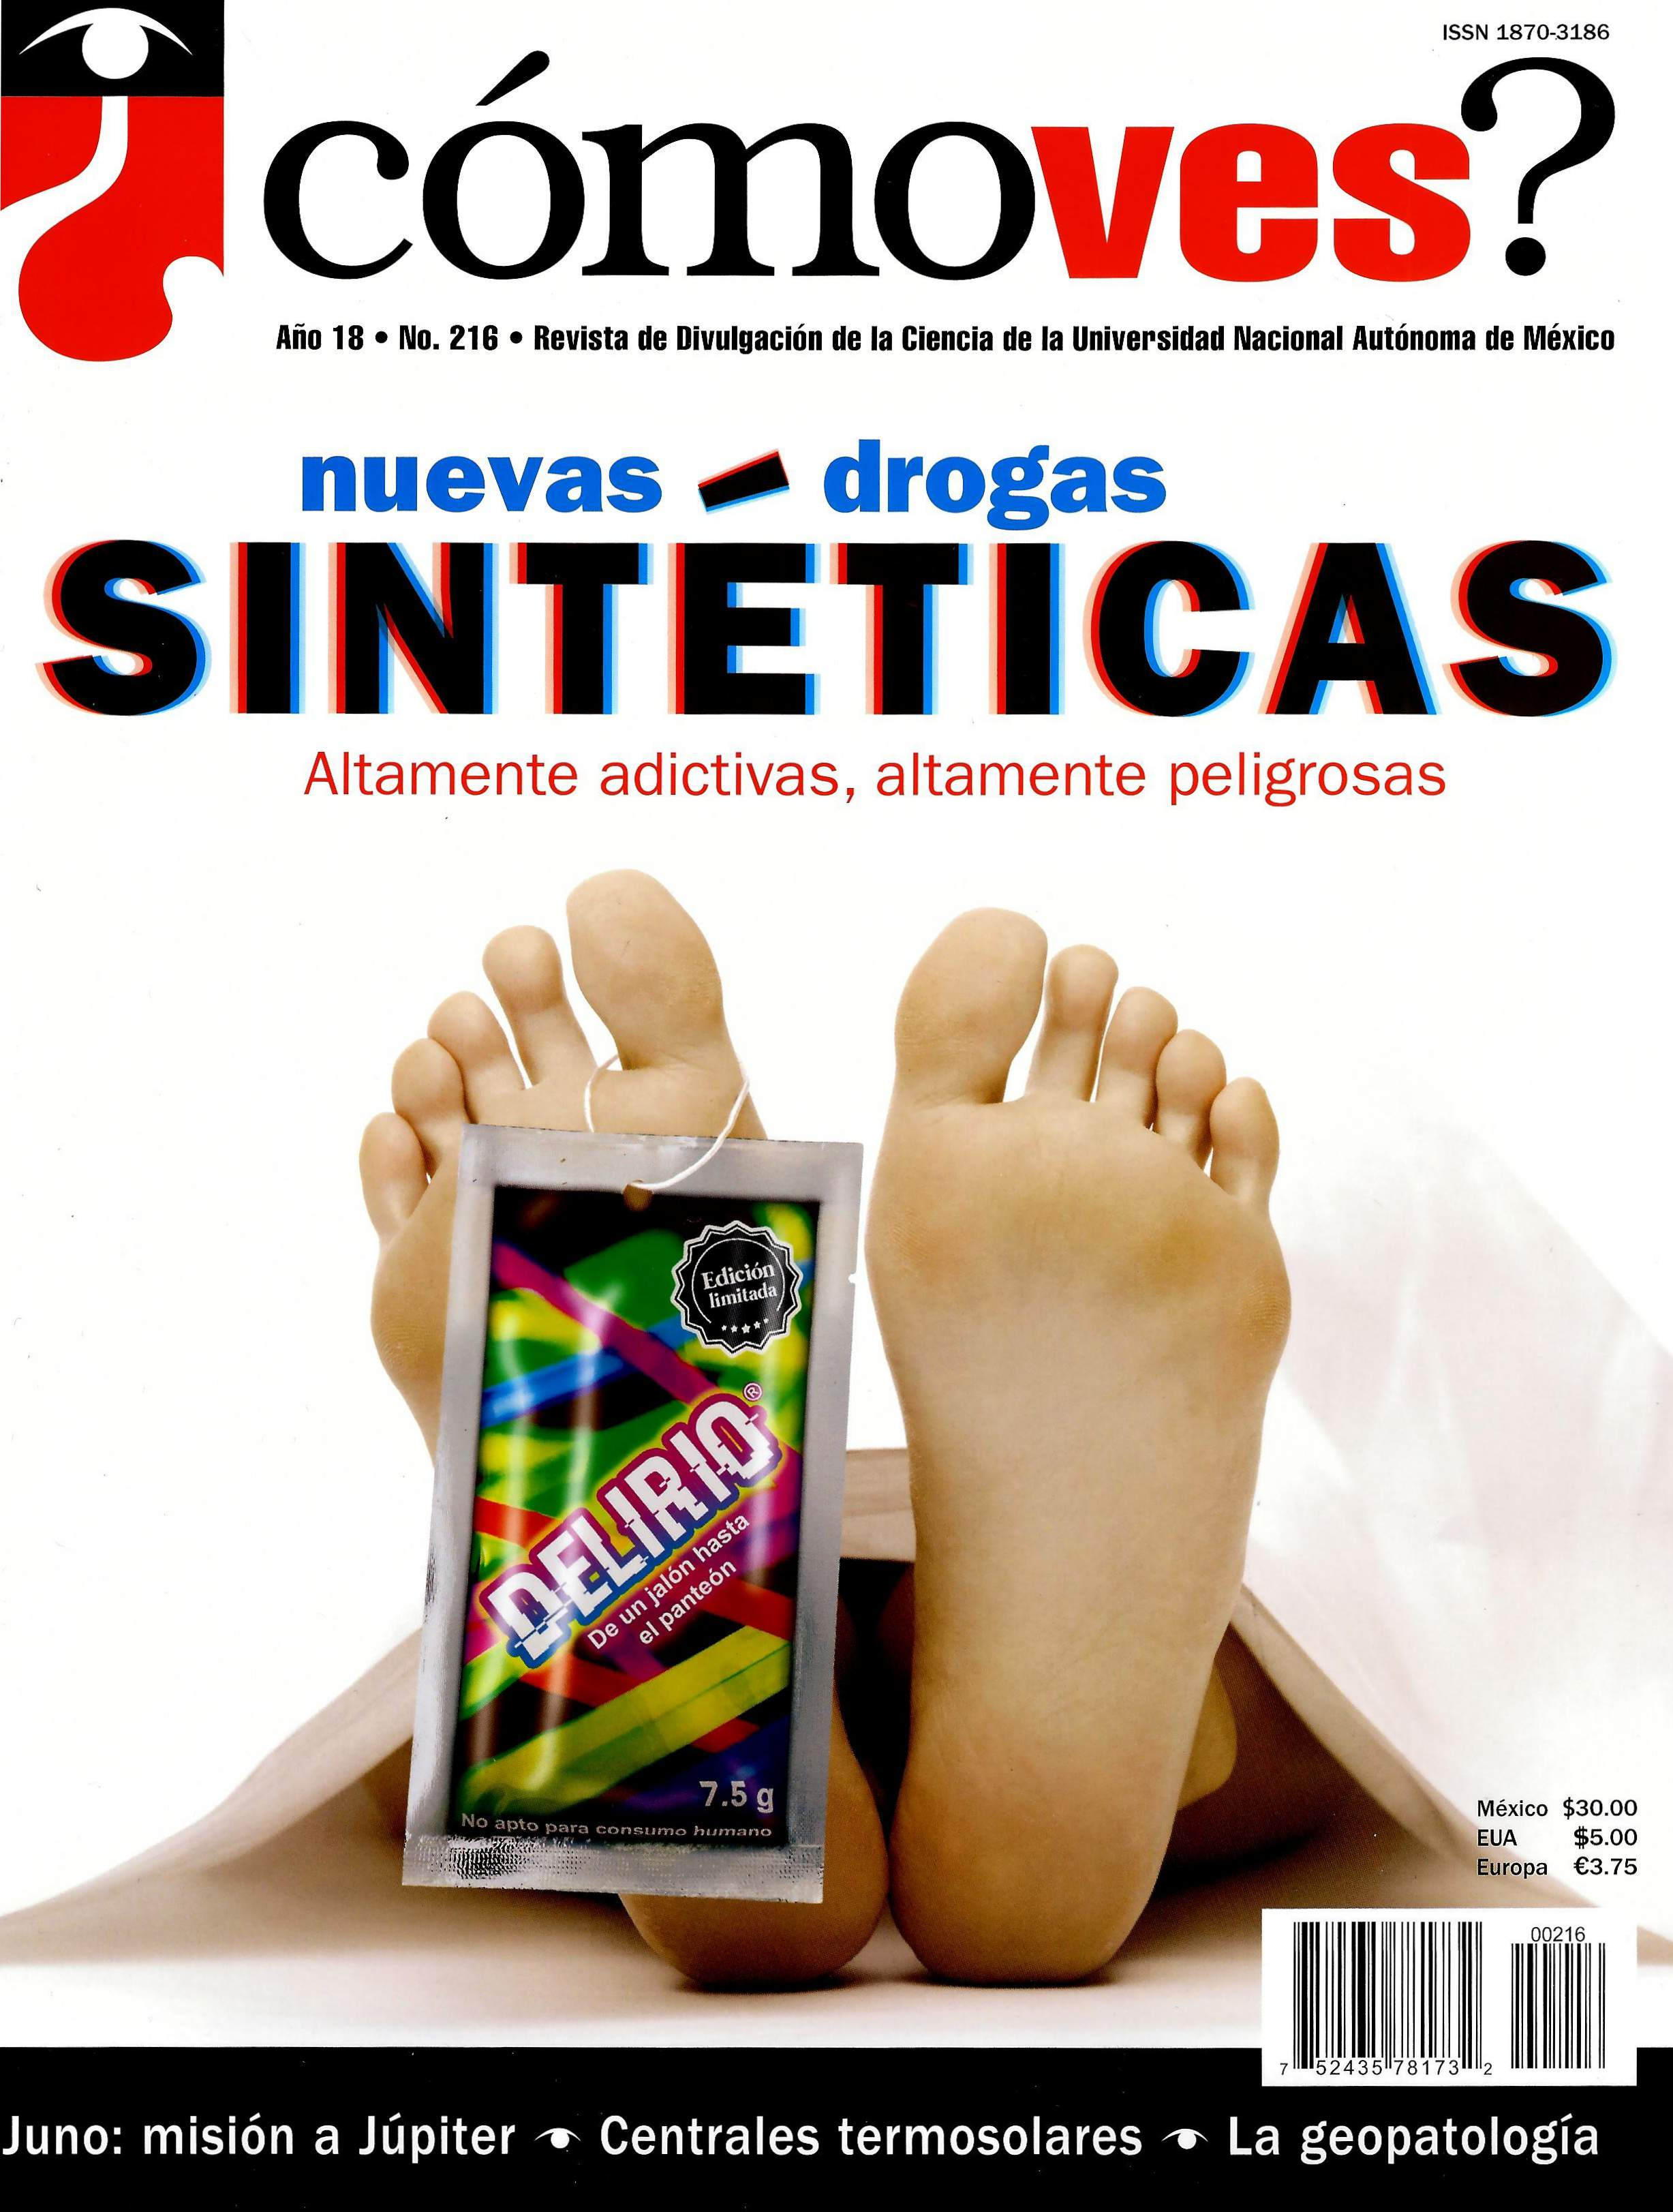 ¿Cómo ves? Revista de divulgación científica, año 18, núm. 216